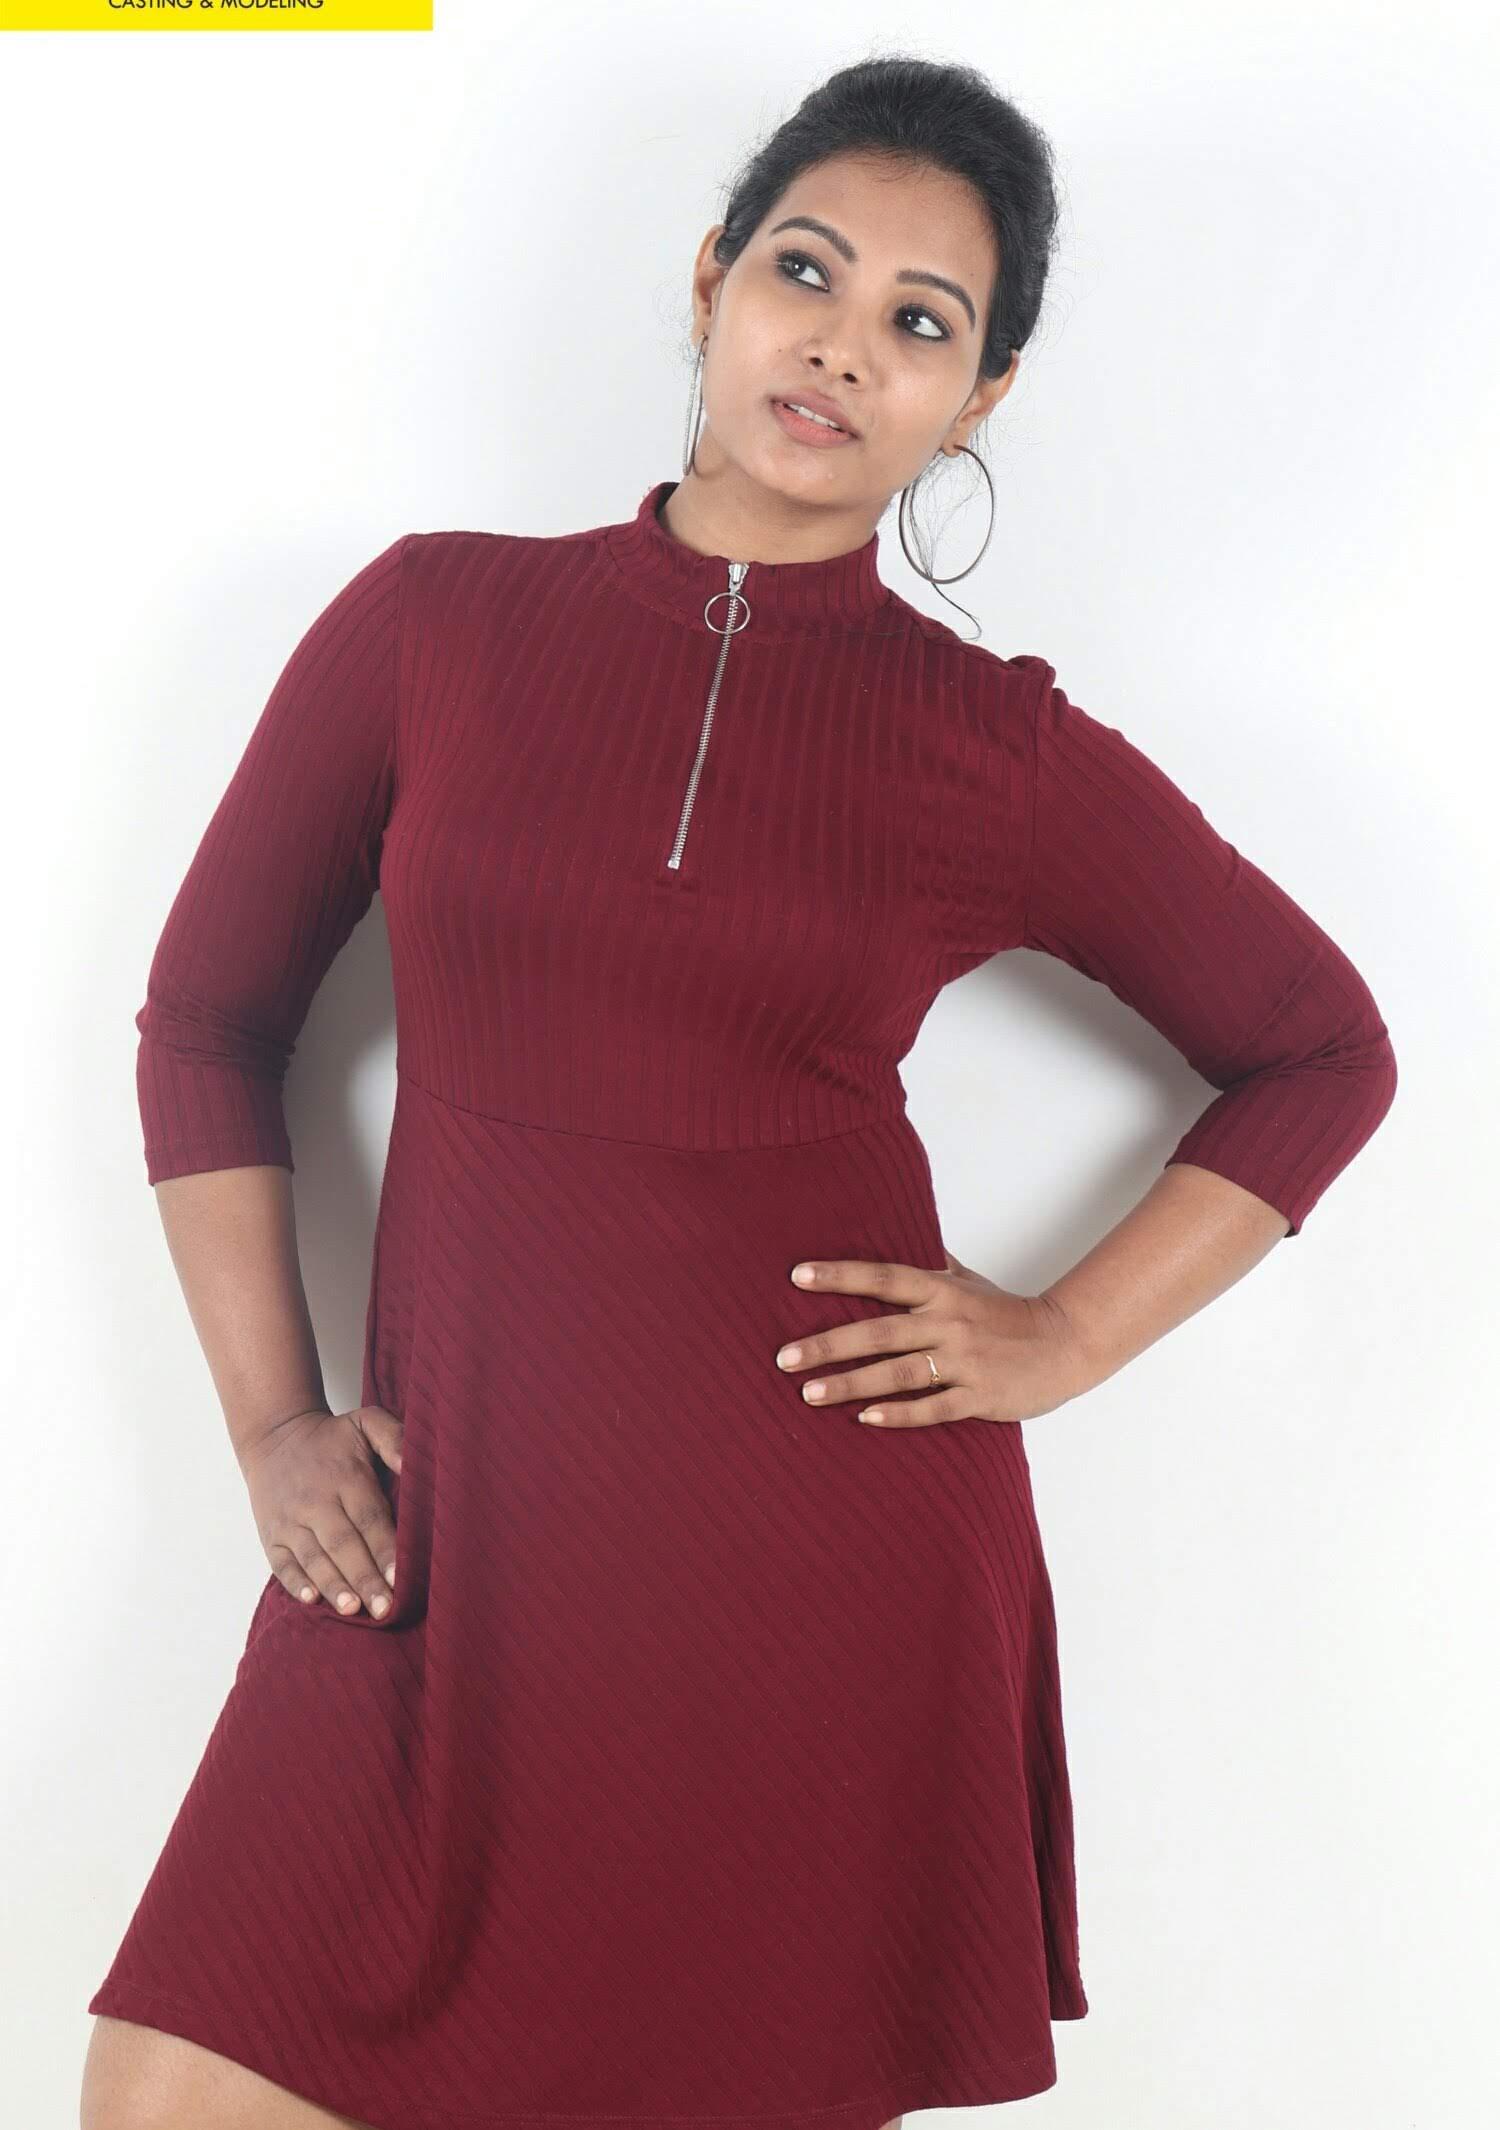 Dhivya-Dhuraisamy-67